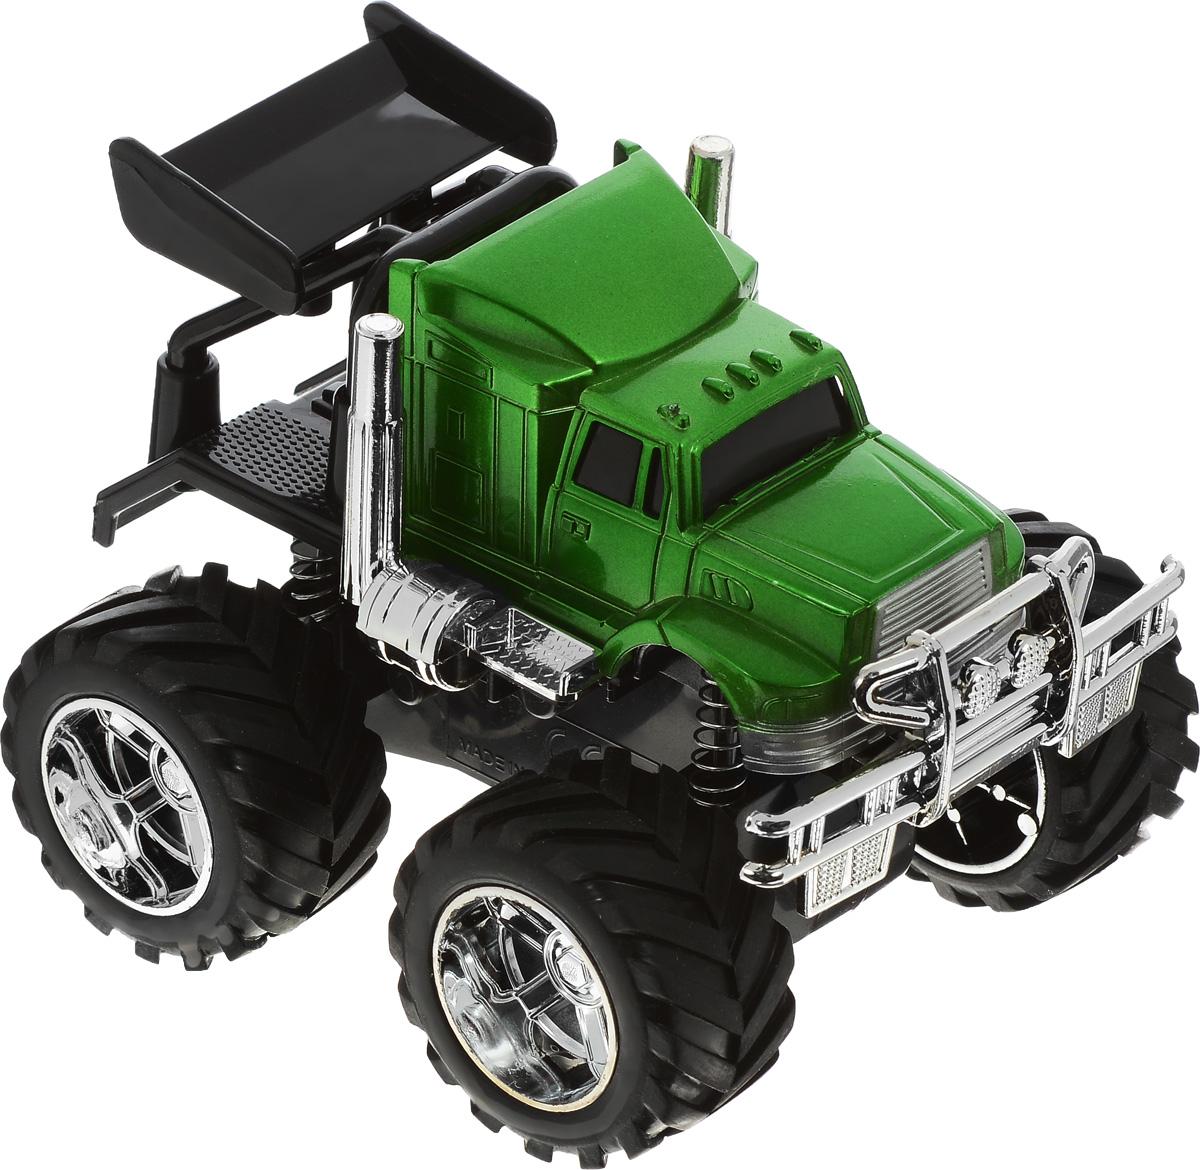 ABtoys Внедорожник инерционный цвет зеленыйC-00173_зеленыйИнерционный джип ABtoys из серии Монстры бездорожья обязательно привлечет внимание вашего ребенка. Игрушка выполнена из прочного пластика в виде мощного внедорожника с большими колесами. Машинка оснащена амортизаторами, усиливающими сходство с настоящим автомобилем. Прорезиненные колеса обеспечивают хорошее сцепление с любой поверхностью пола. Игрушка оснащена инерционным механизмом. Достаточно немного подтолкнуть машинку вперед или назад, а затем отпустить, и она сама поедет в том же направлении. Малыш проведет с этой игрушкой много увлекательных часов, устраивая гонки и придумывая различные истории. Ваш ребенок будет в восторге от такого подарка!